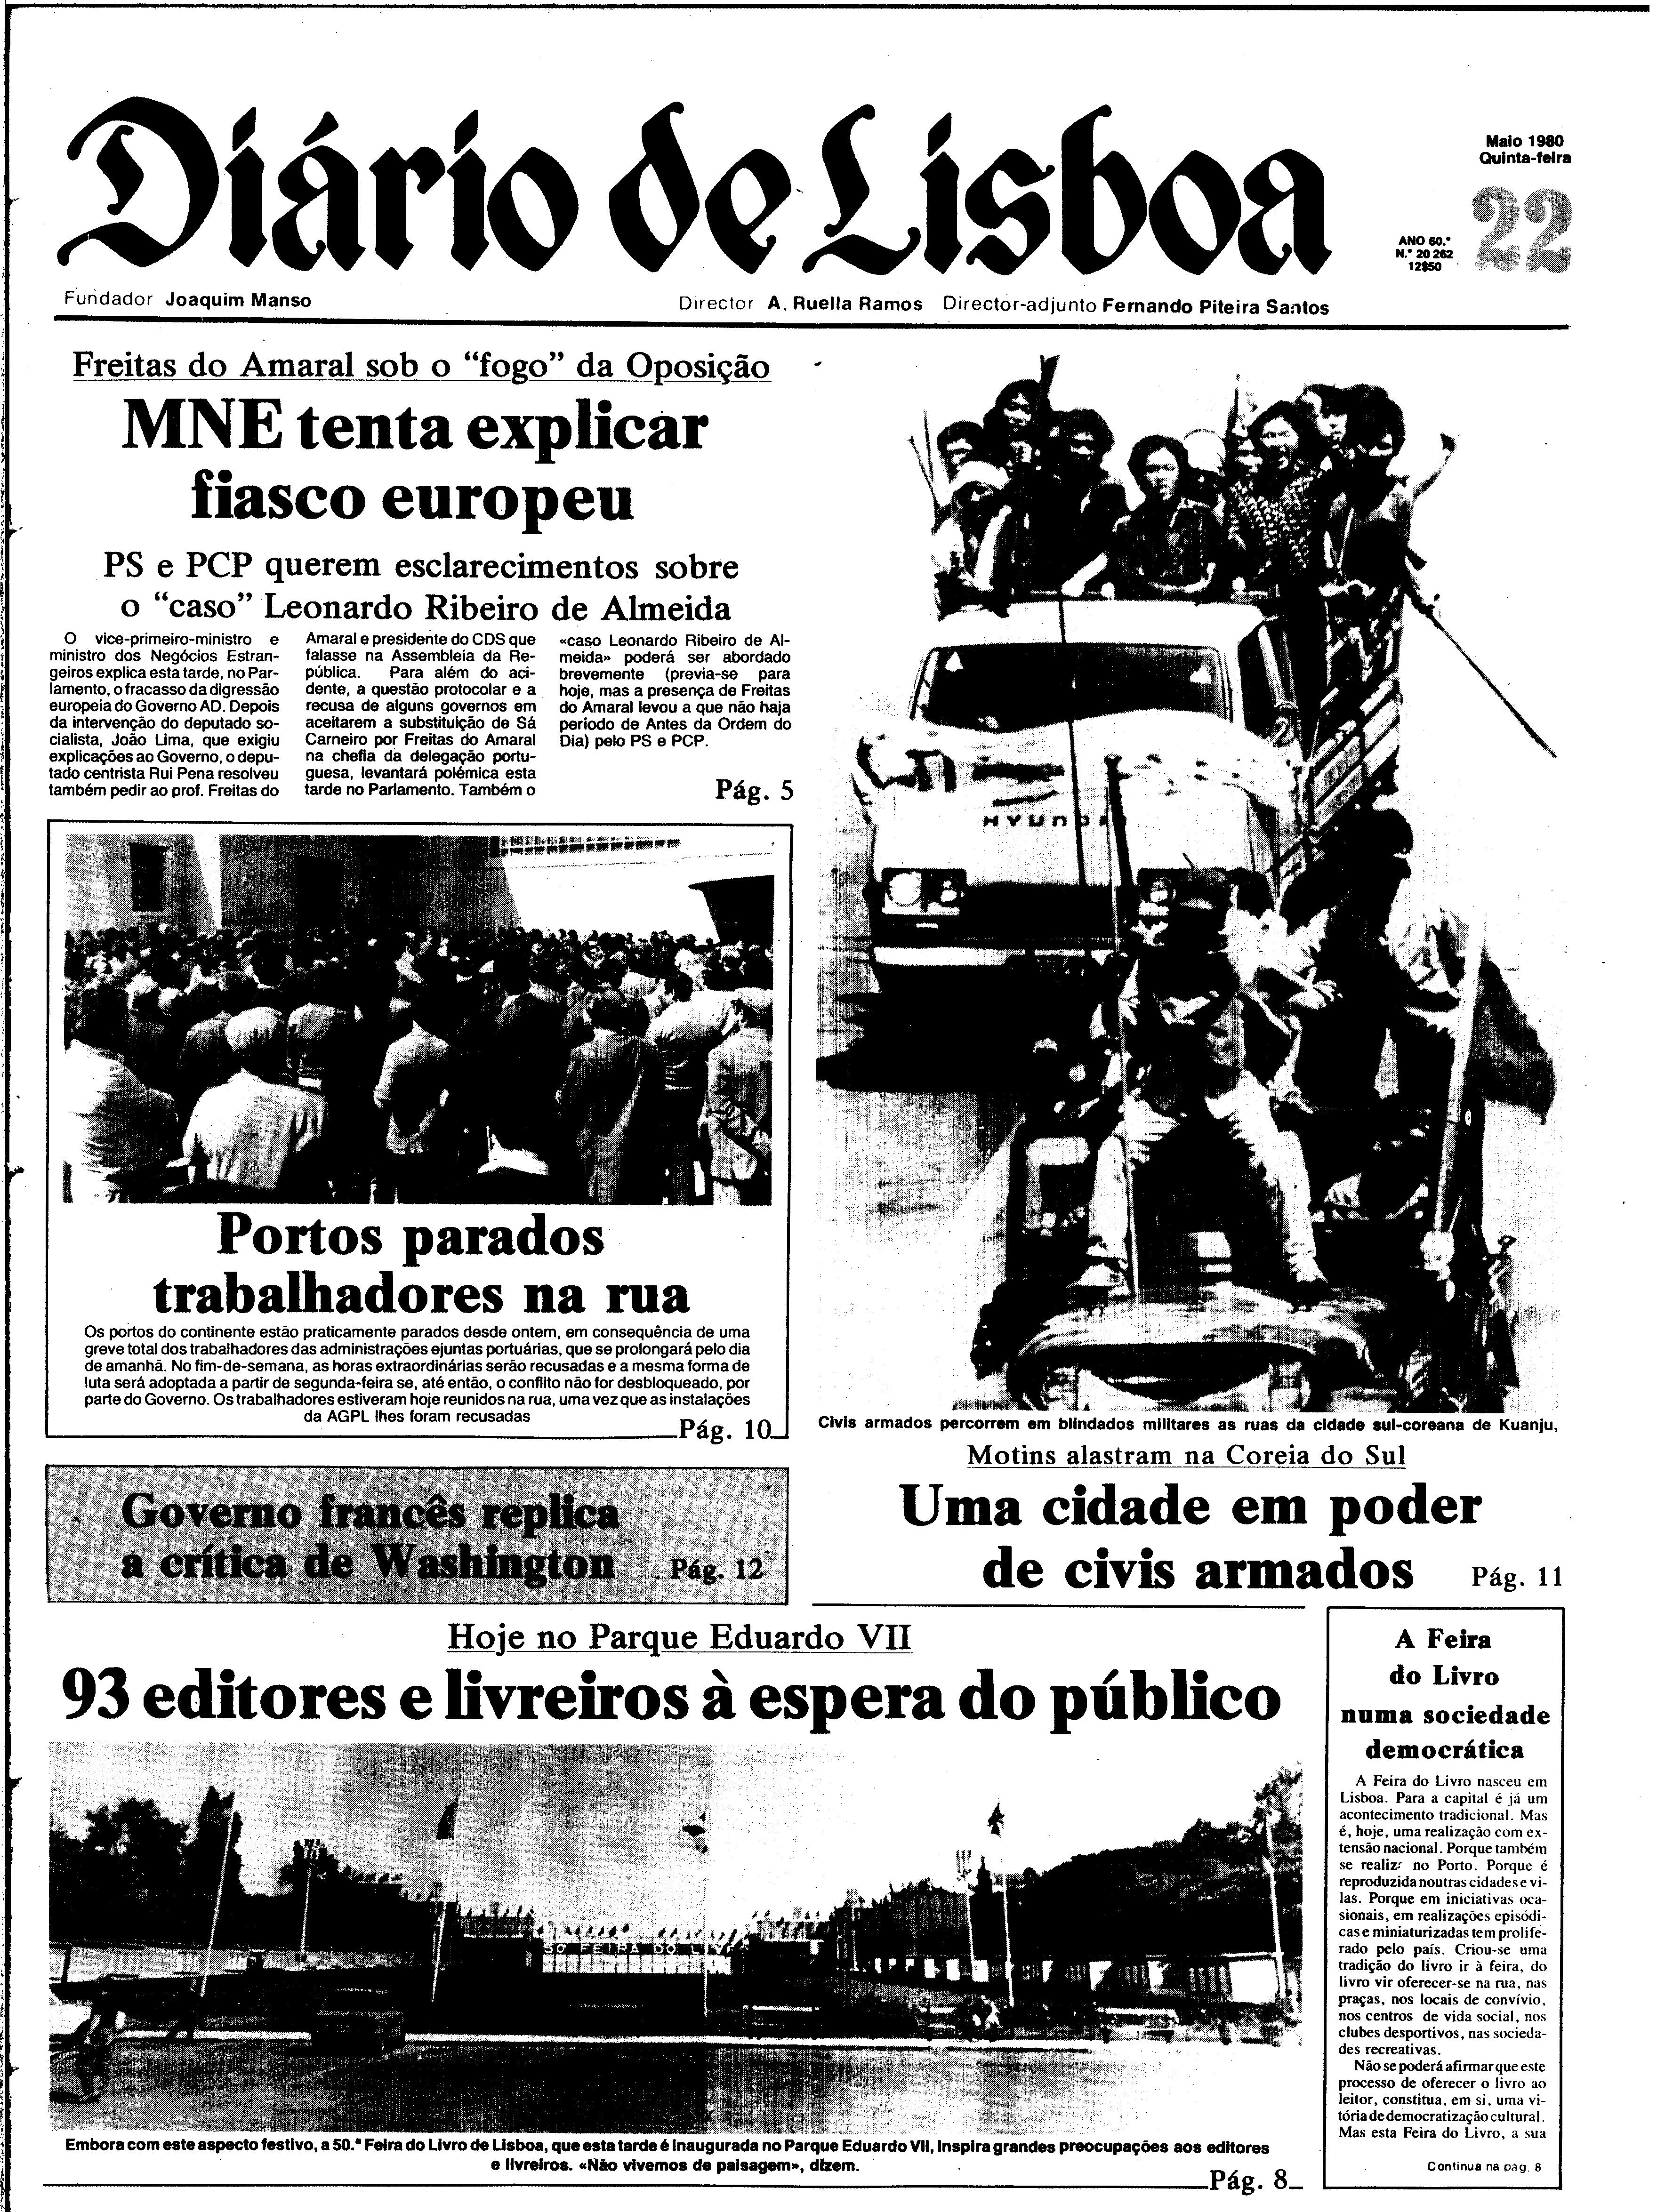 06833.183.28755- pag.1